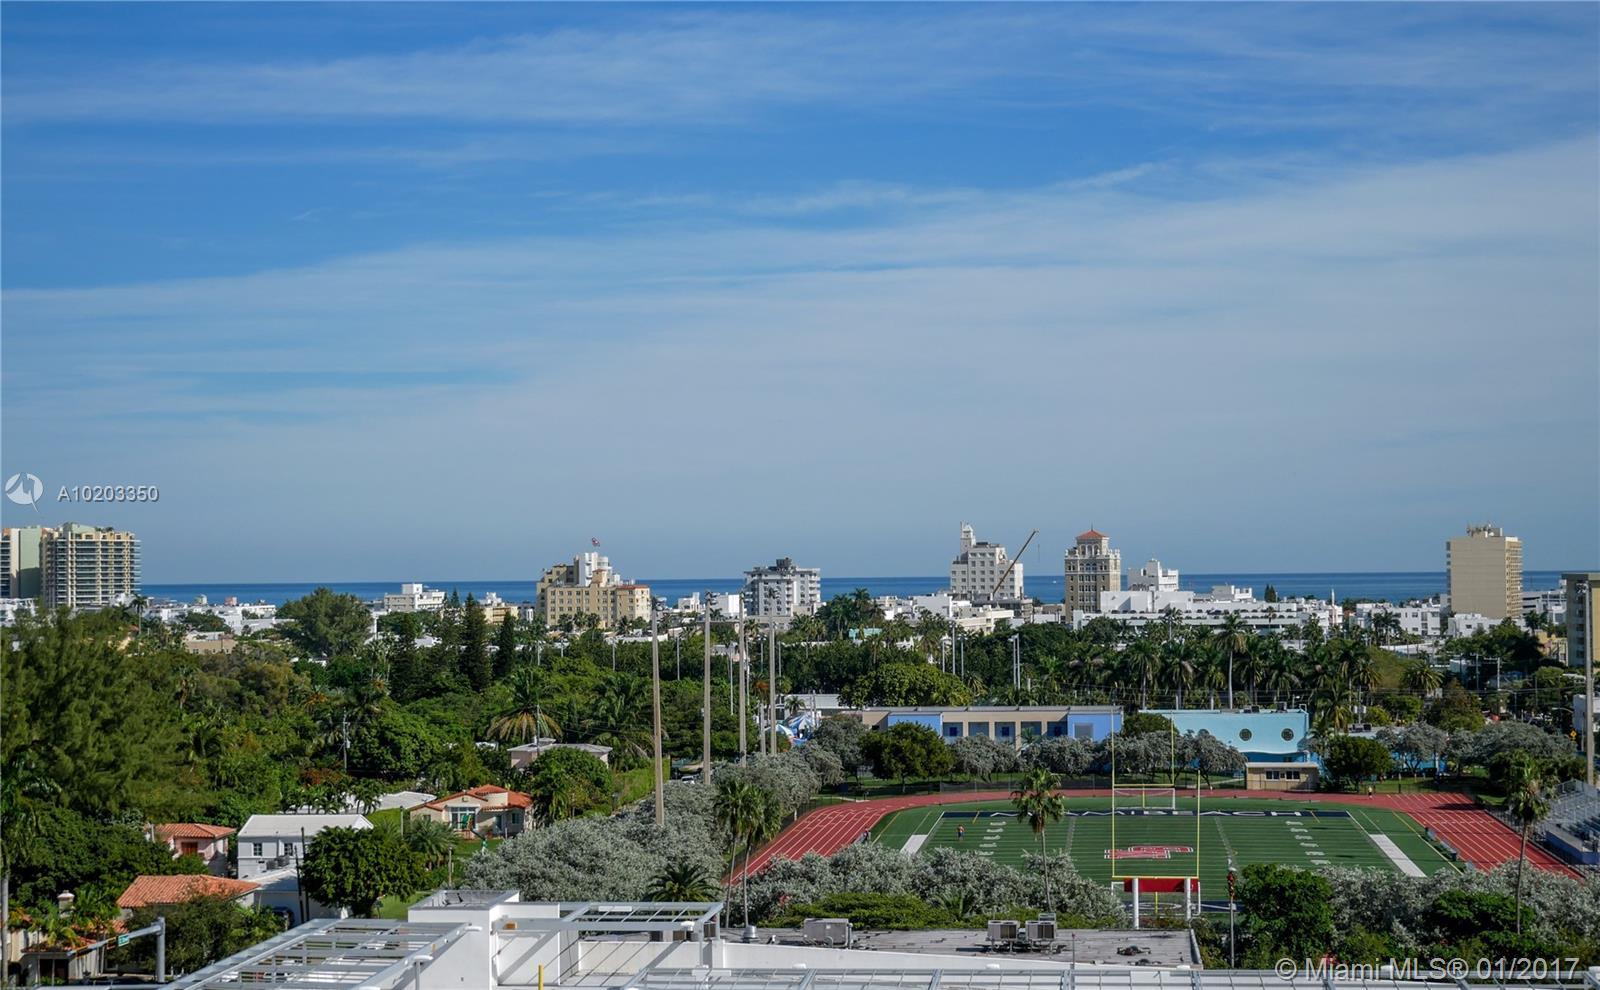 Mondrian South Beach #1017 - 11 - photo